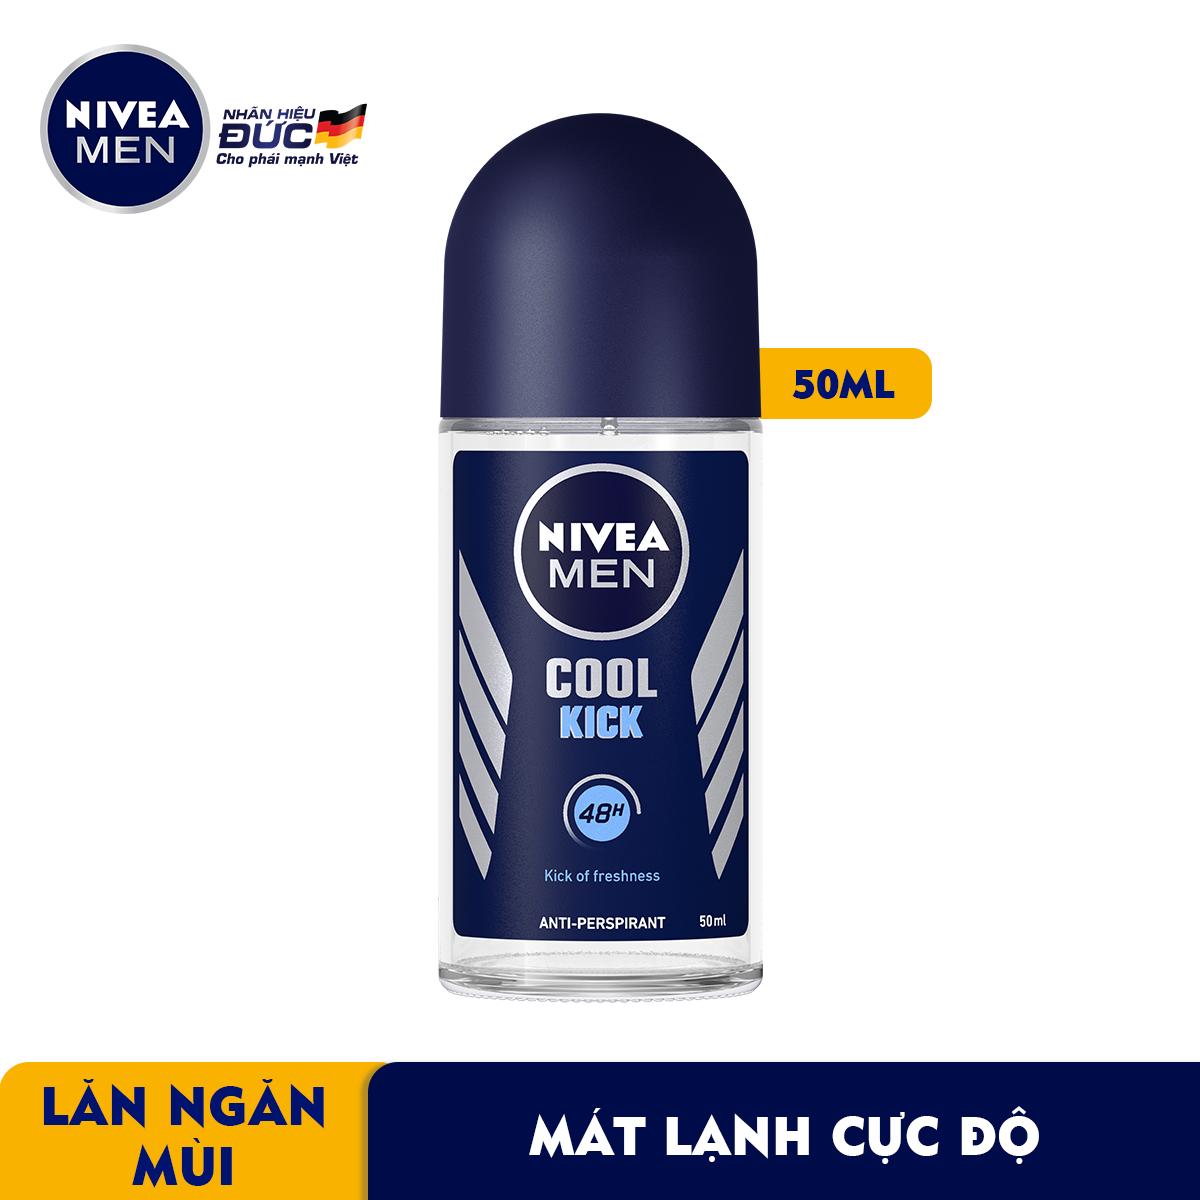 Lăn Ngăn Mùi NIVEA MEN Cool Kick Mát Lạnh (50ml) - 82886